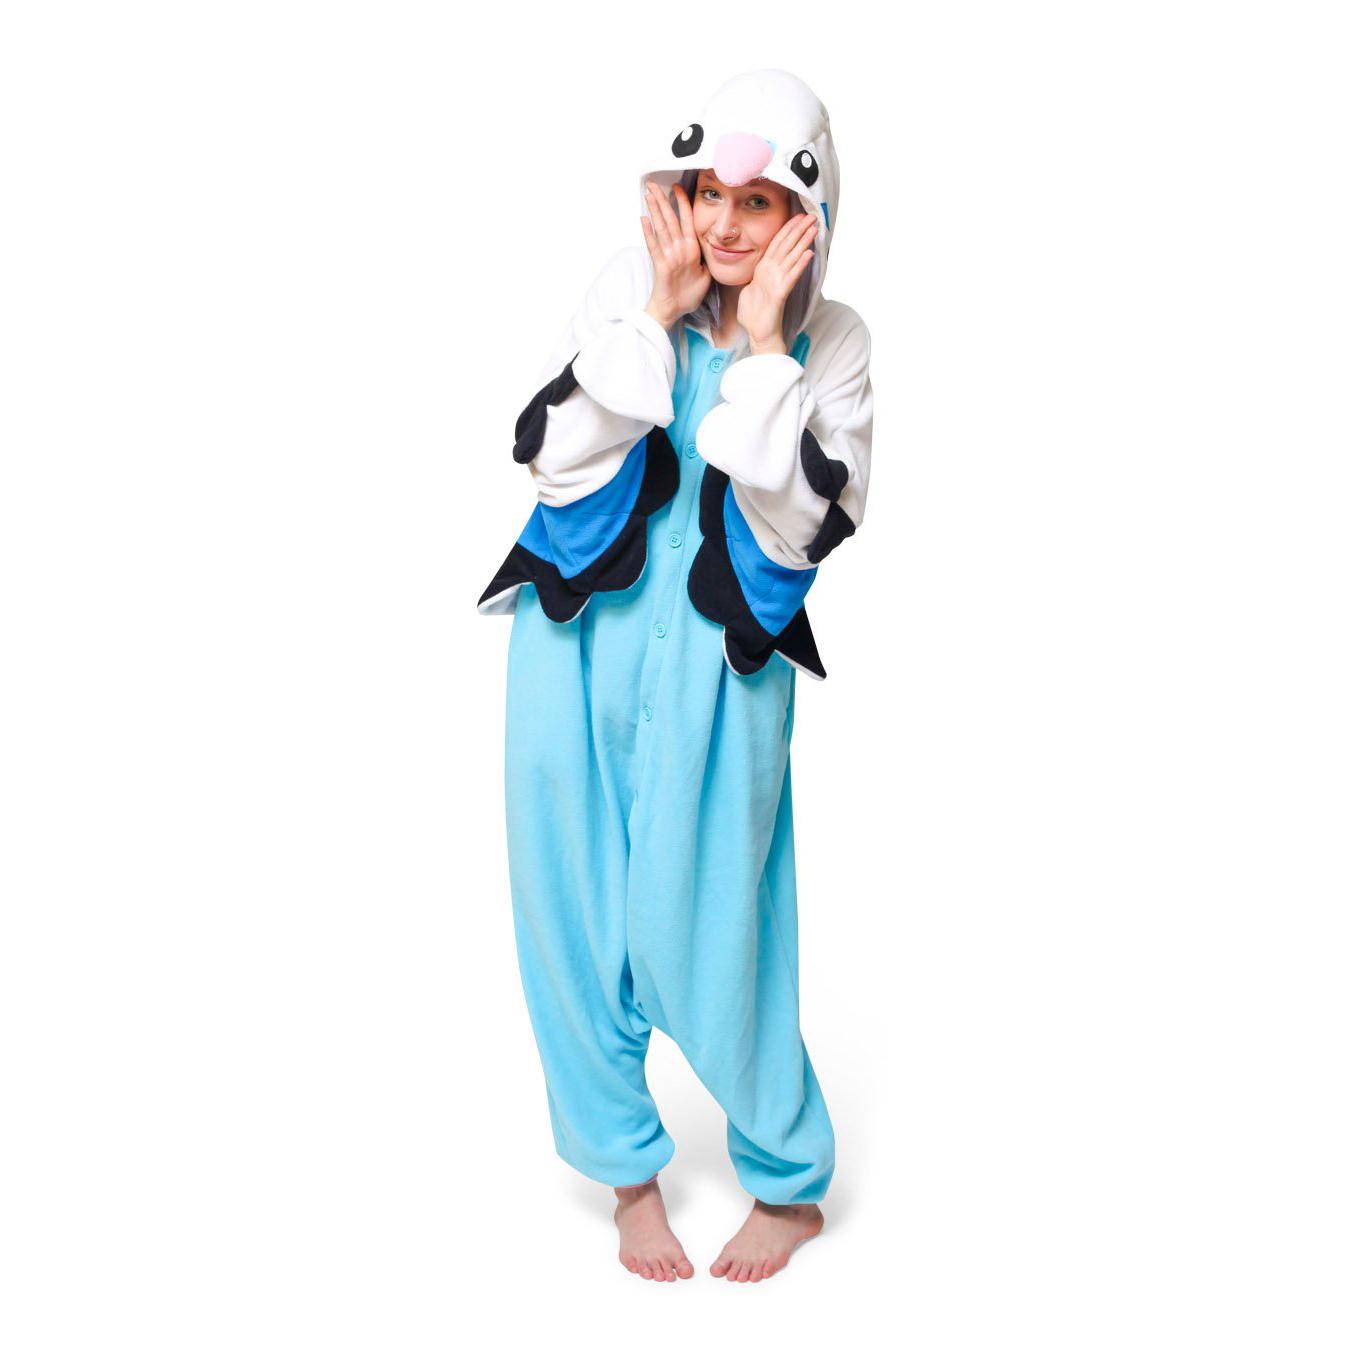 Каталог Попугай голубой Blue_Budgie_Animal_Kigurumi_Adult_Onesie_Costume_Pajamas_Main_SZC-KG-2766-BL_041471d1-6f83-408a-.jpg